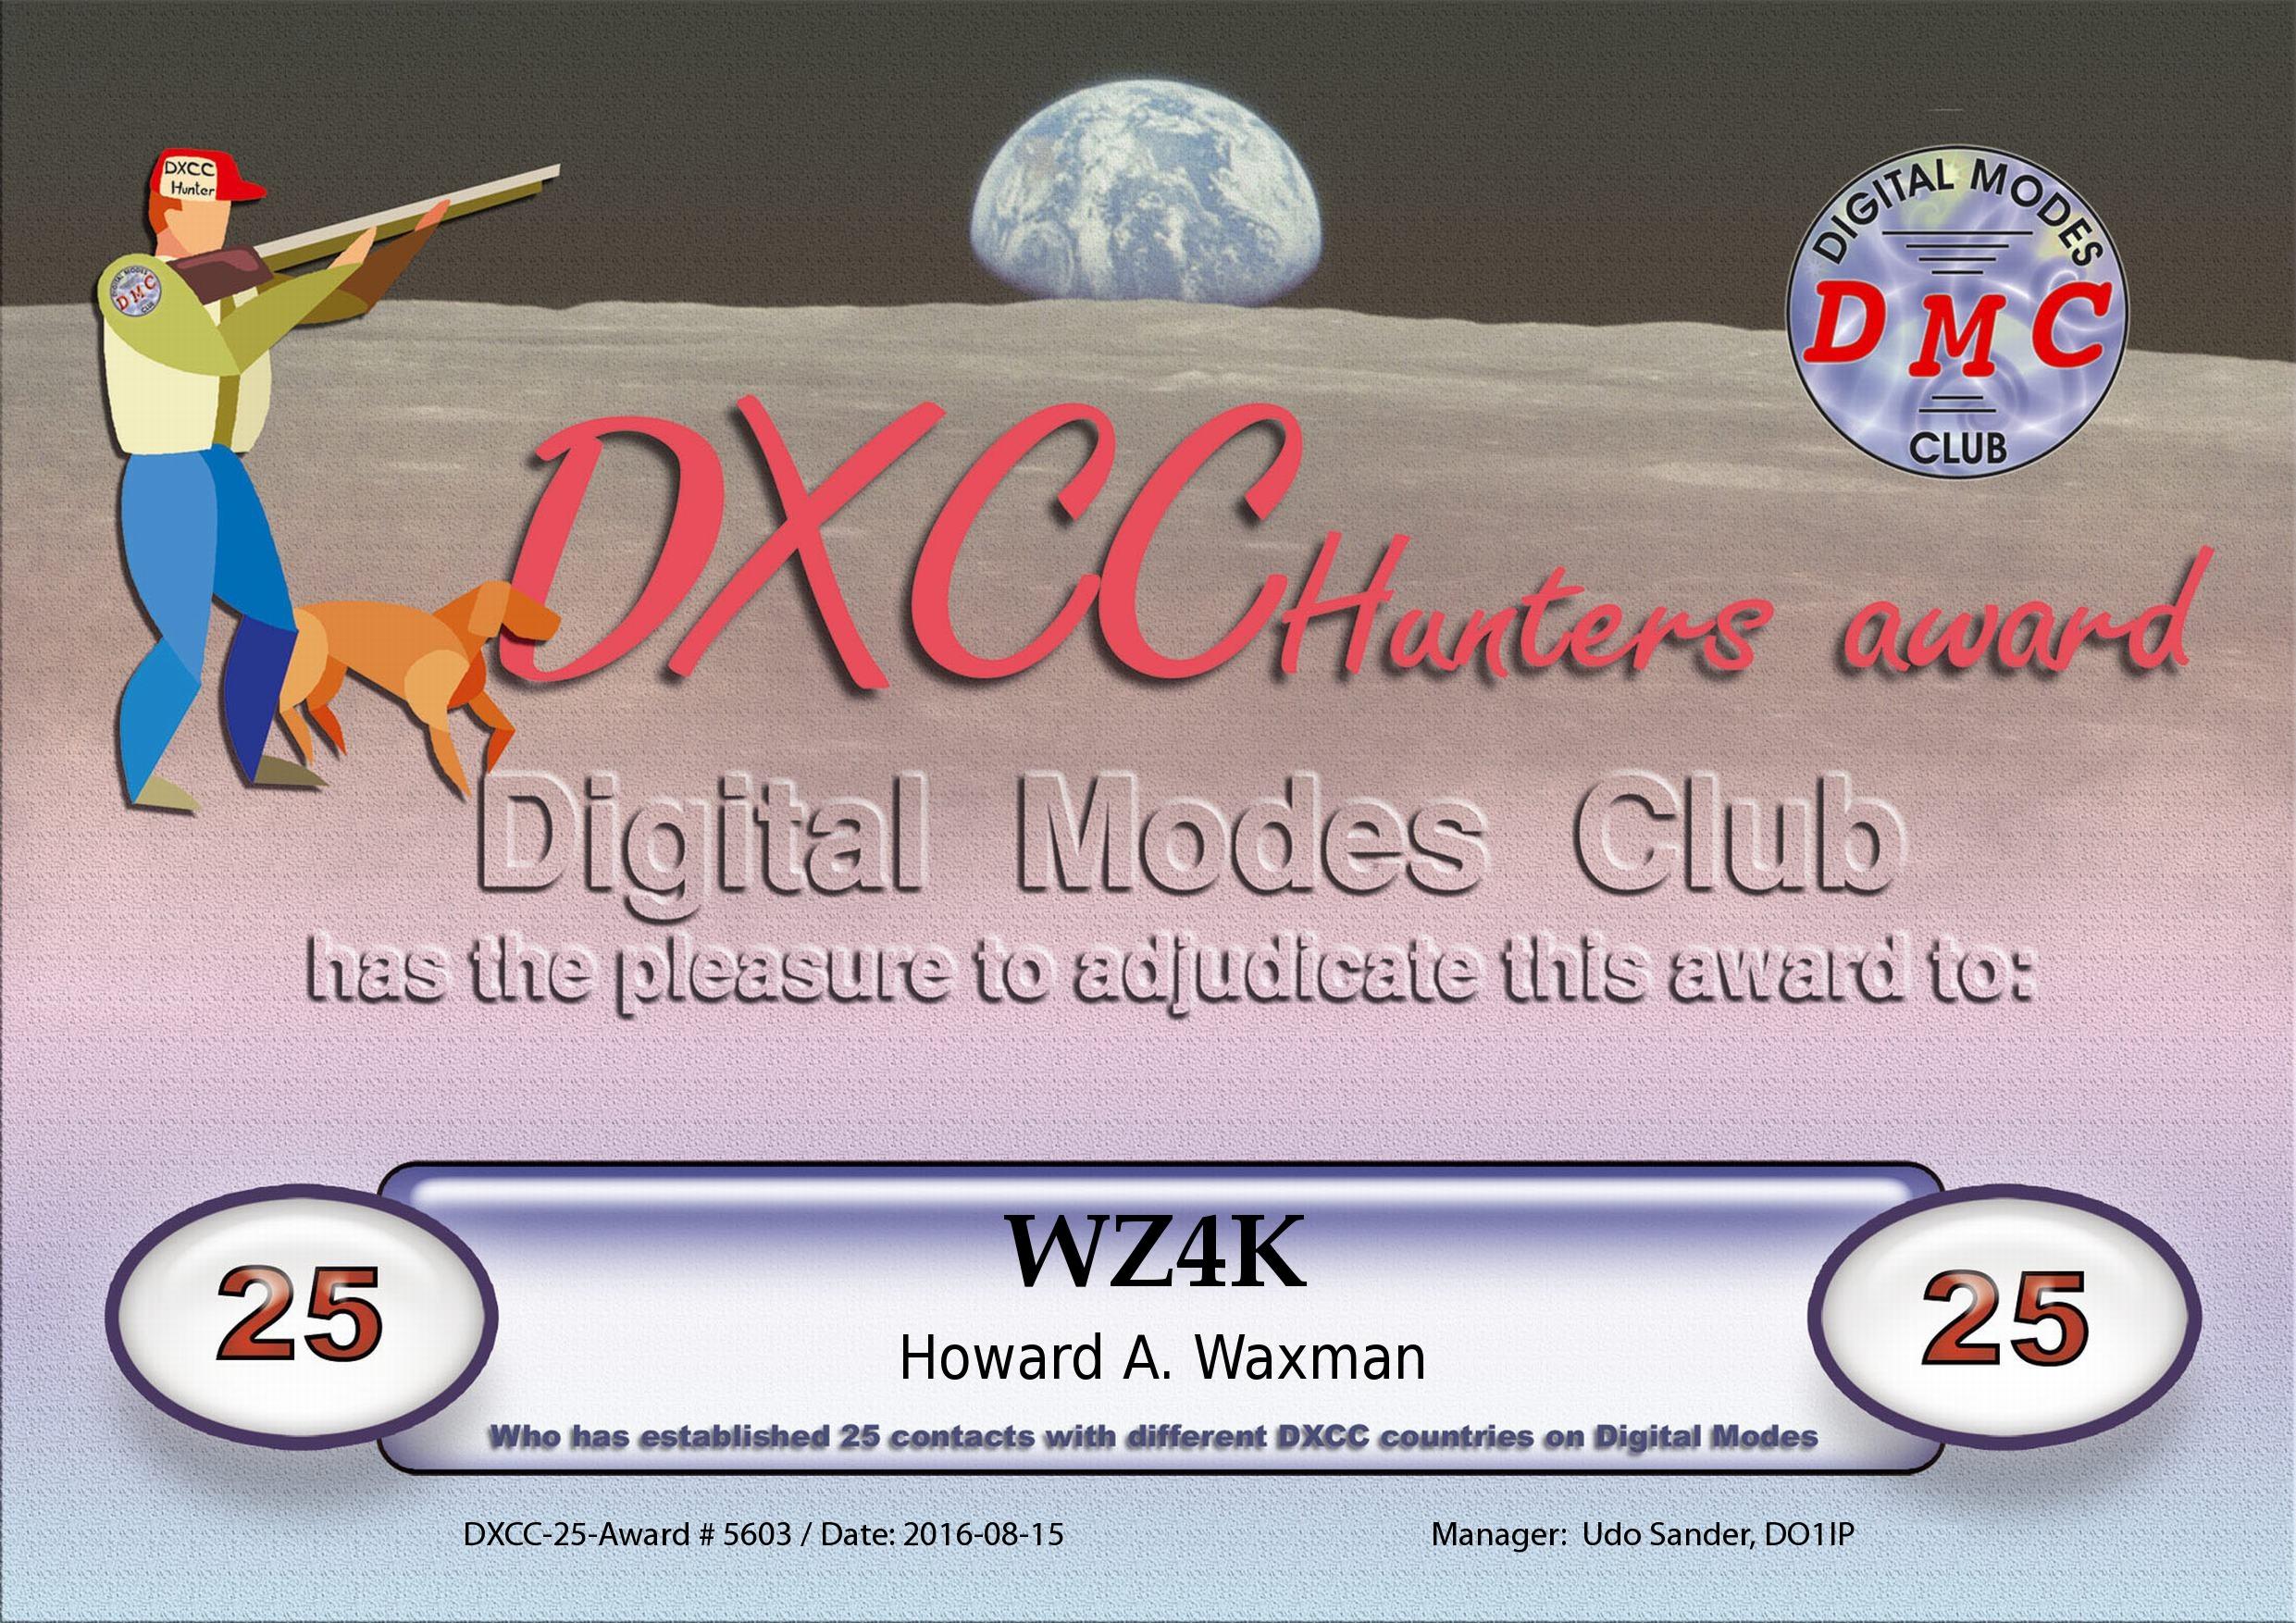 DXCC-25-5603-WZ4K